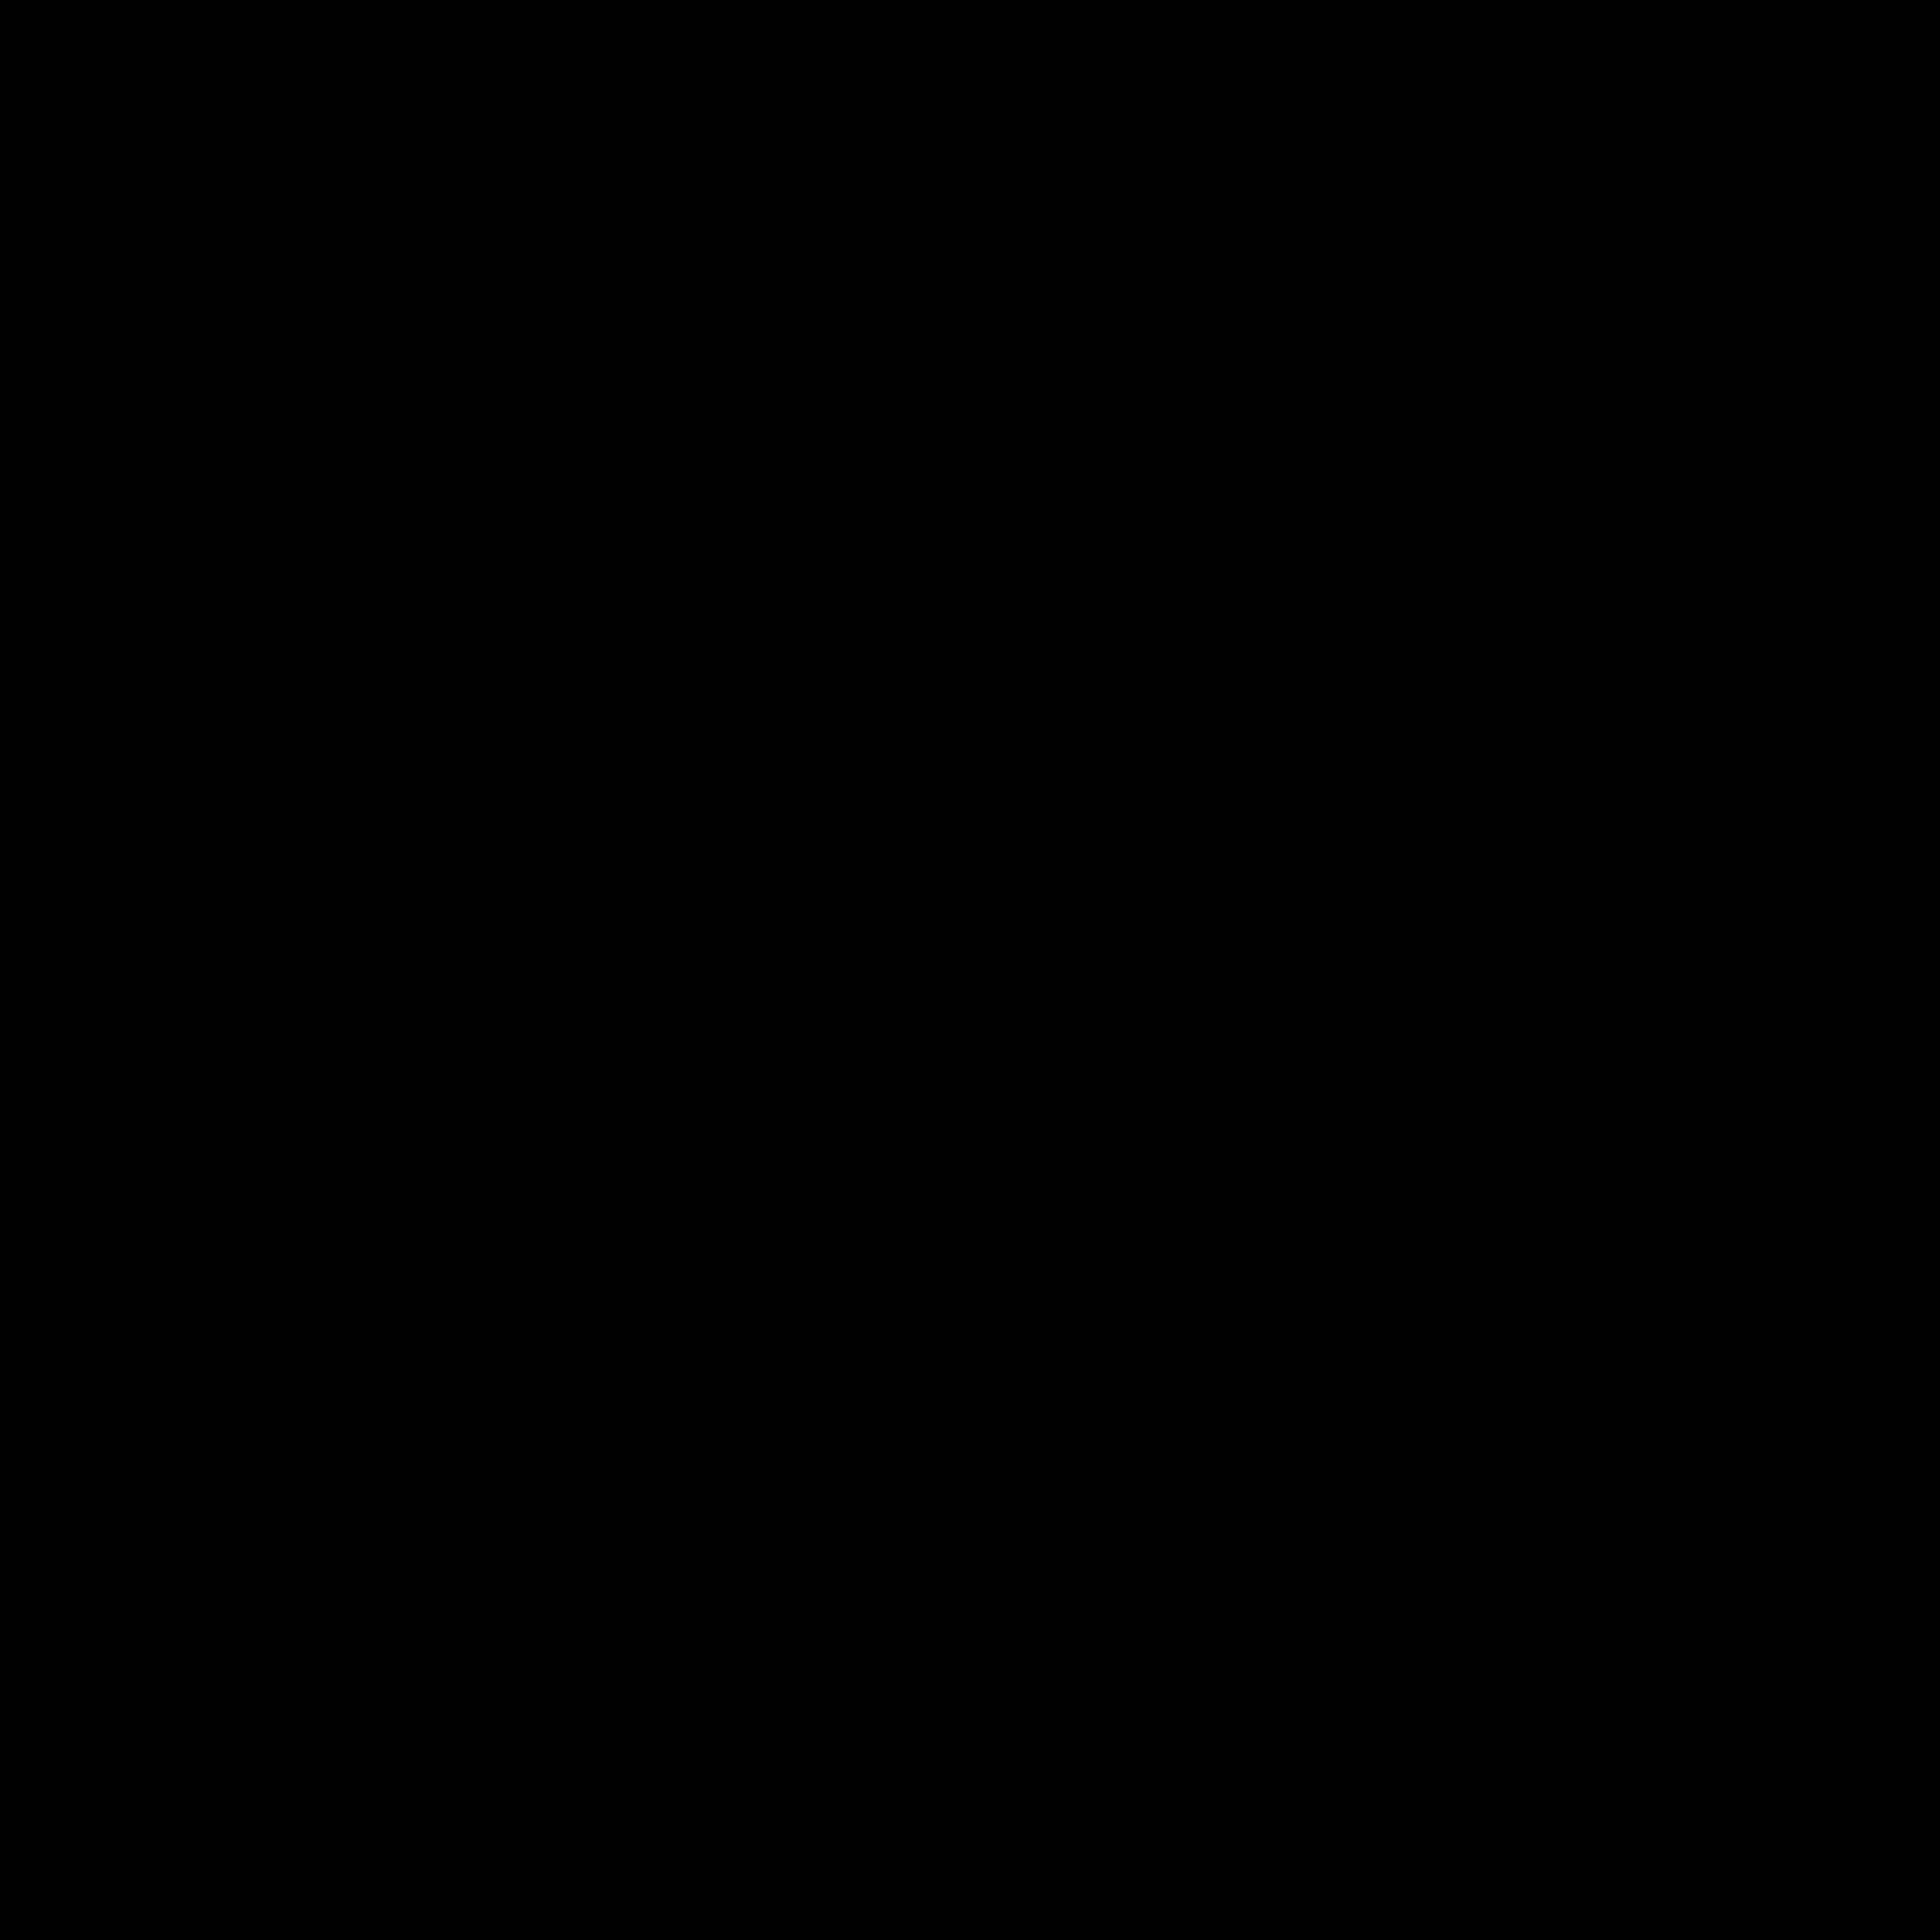 Akks logo svart